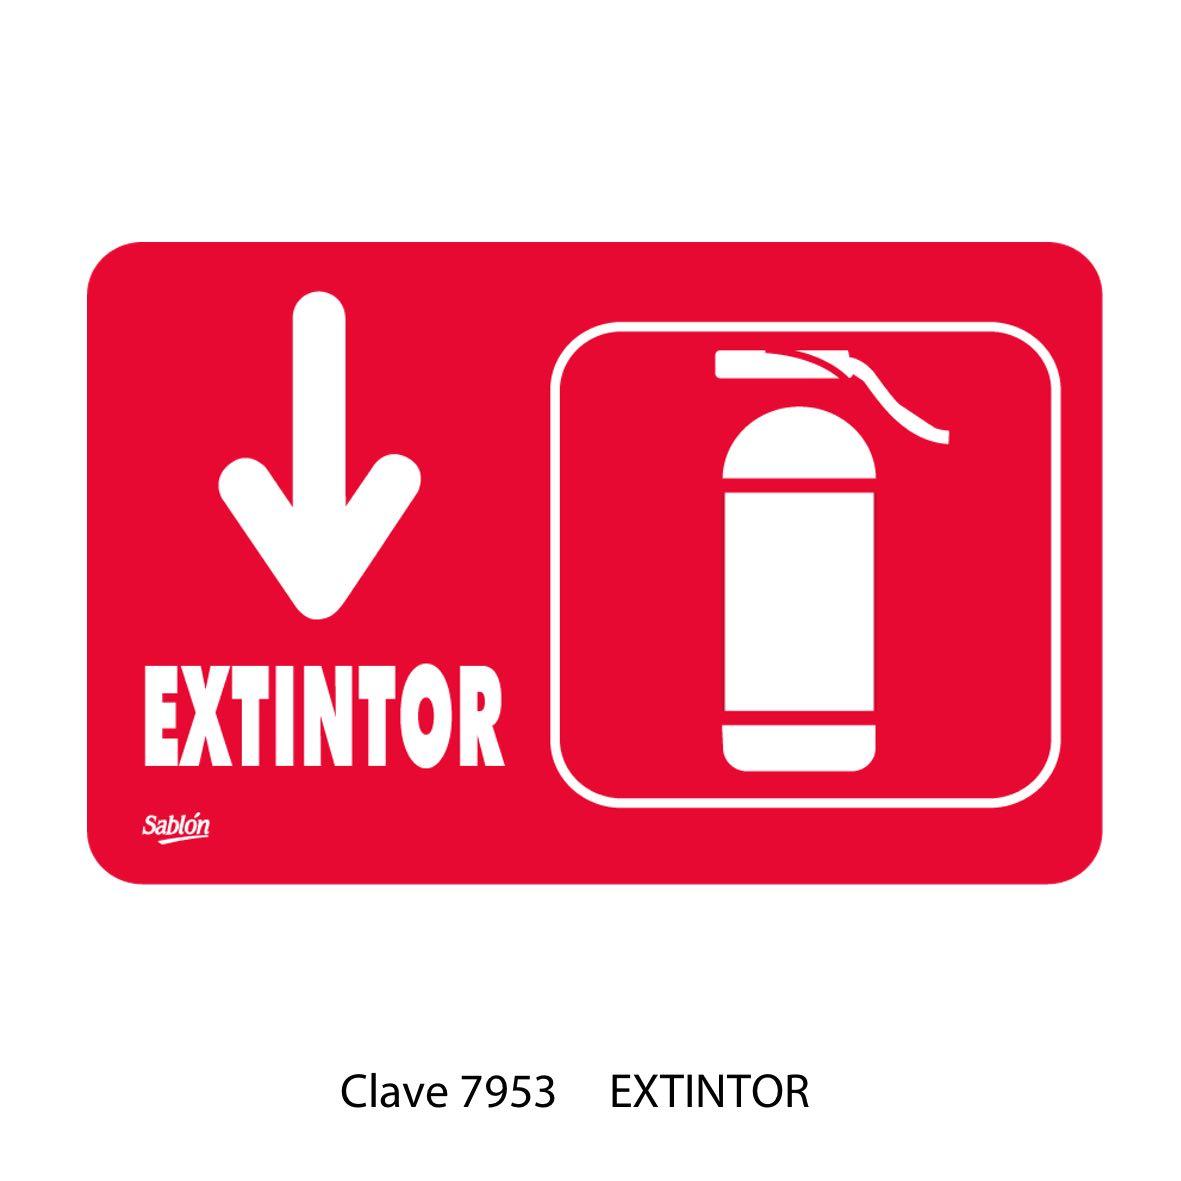 Señal de Extintor Modelo 7953 - Sablón